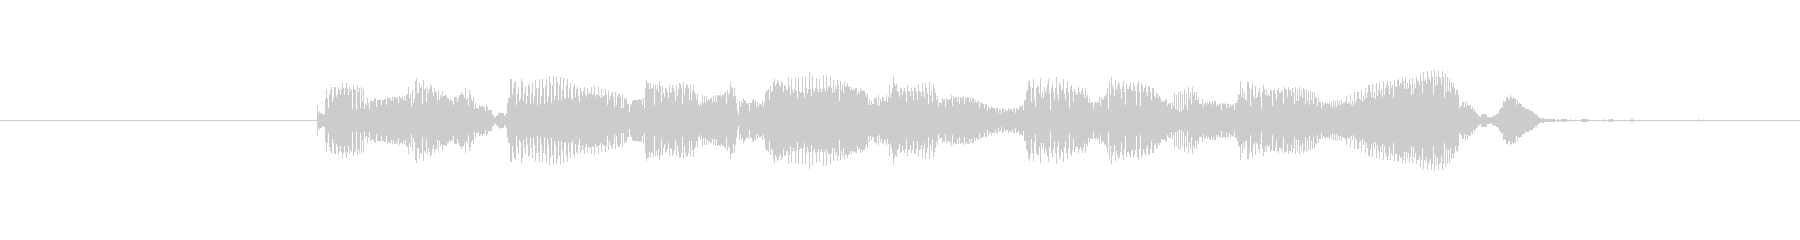 鳴き声 リップスマッキングチャイルド04の未再生の波形